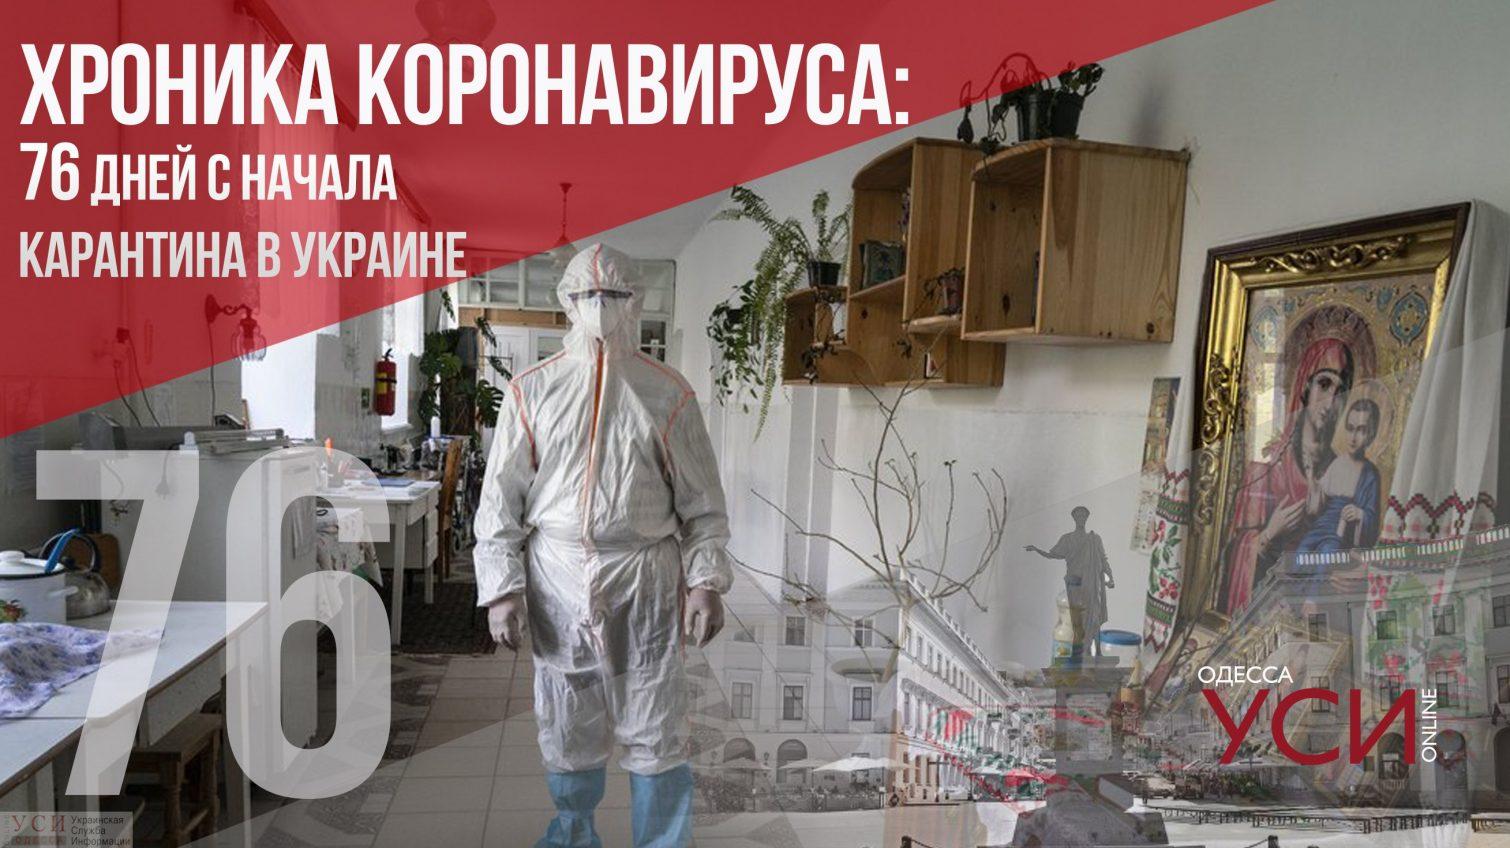 Хроника коронавируса: 76 день карантина в Украине ОБНОВЛЯЕТСЯ «фото»